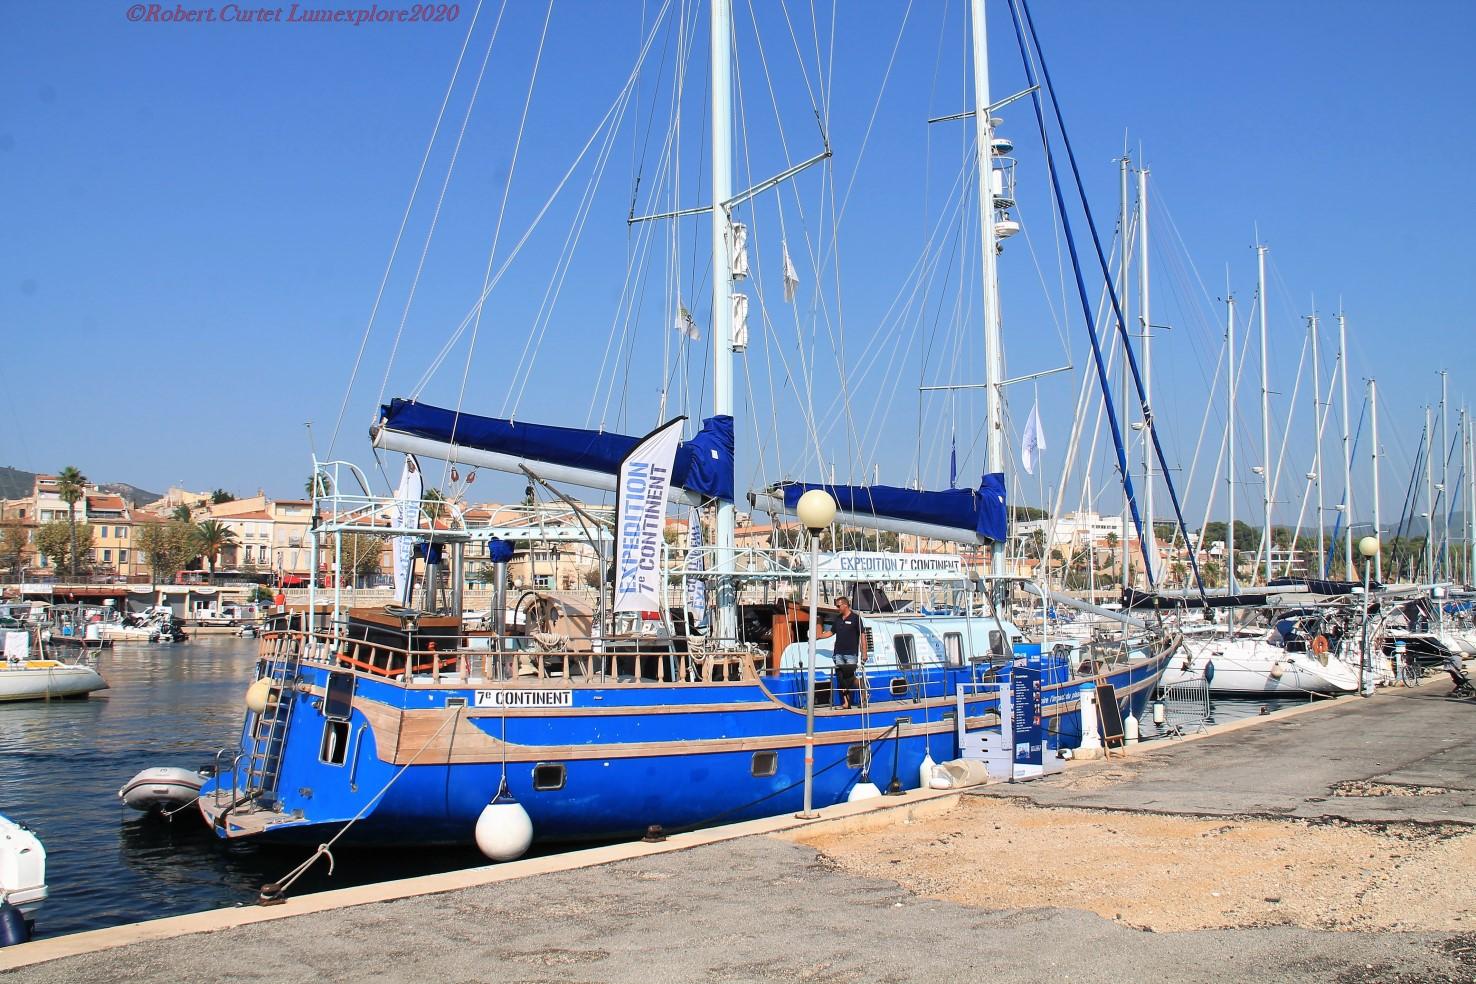 Patrick DEIXONNE et le bateau 7e Continent